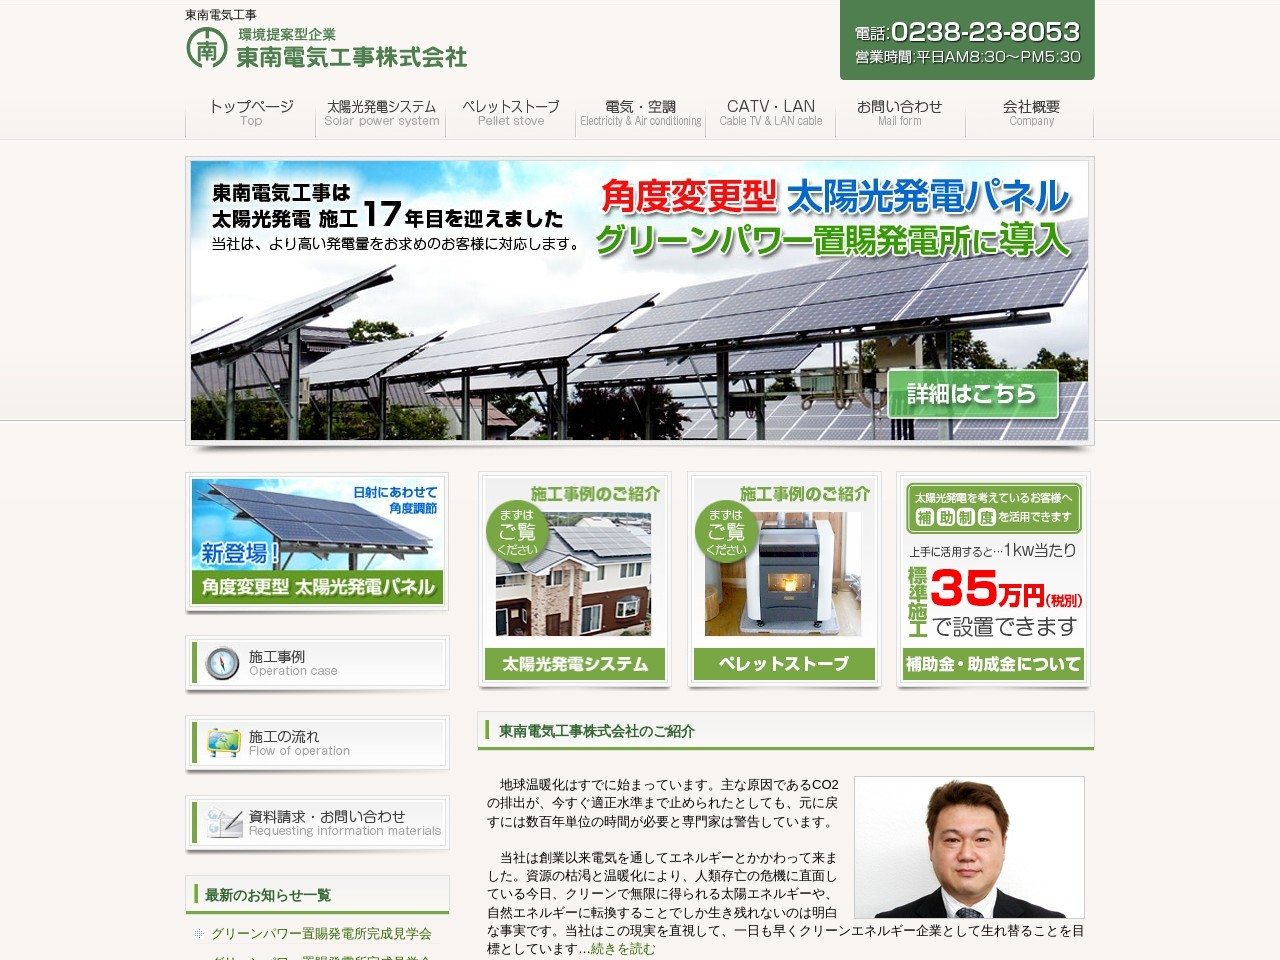 東南電気工事株式会社